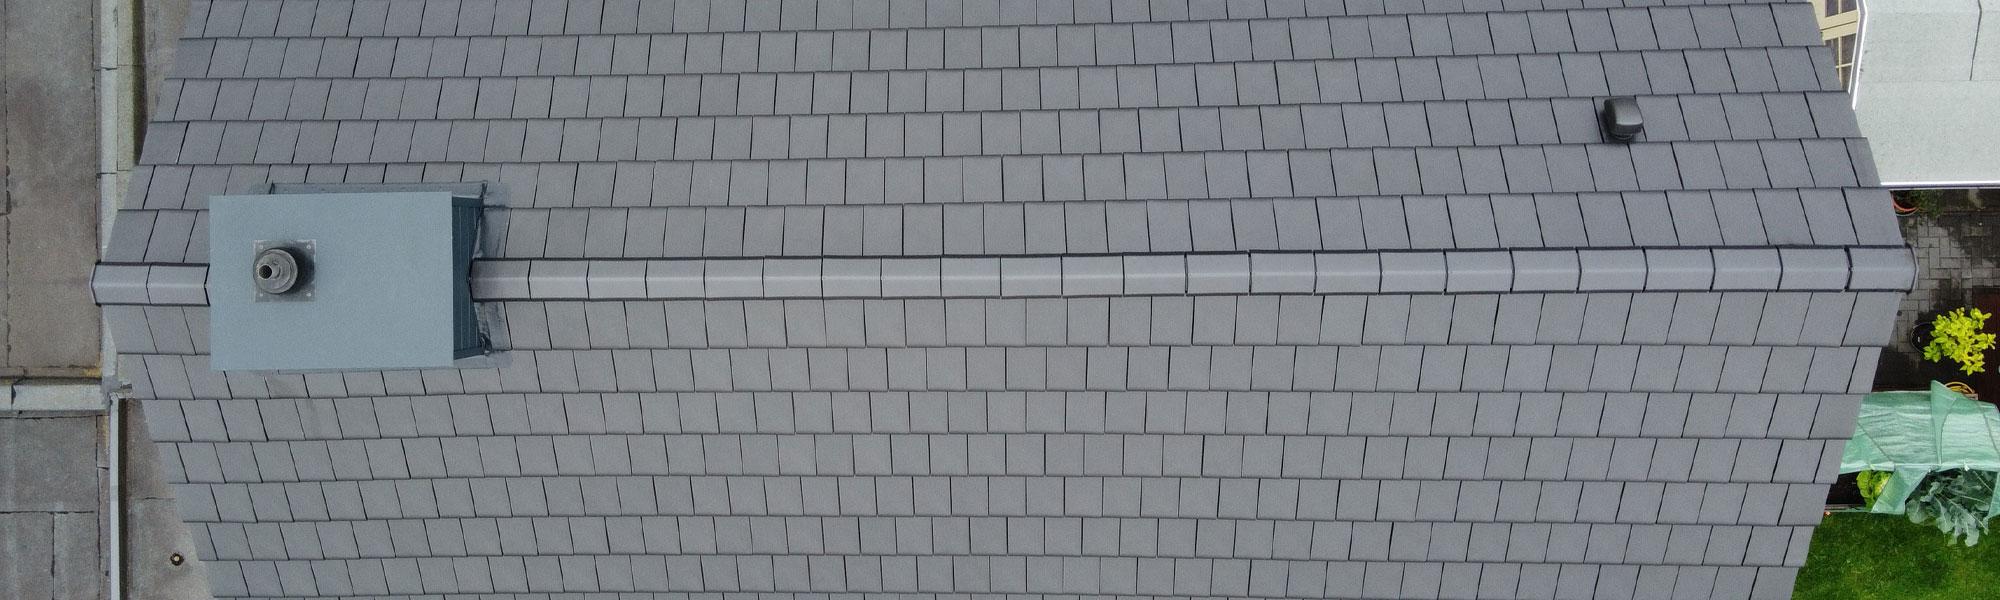 dach vermessung dachvermessung drohnenvermessung drohne dachdecker